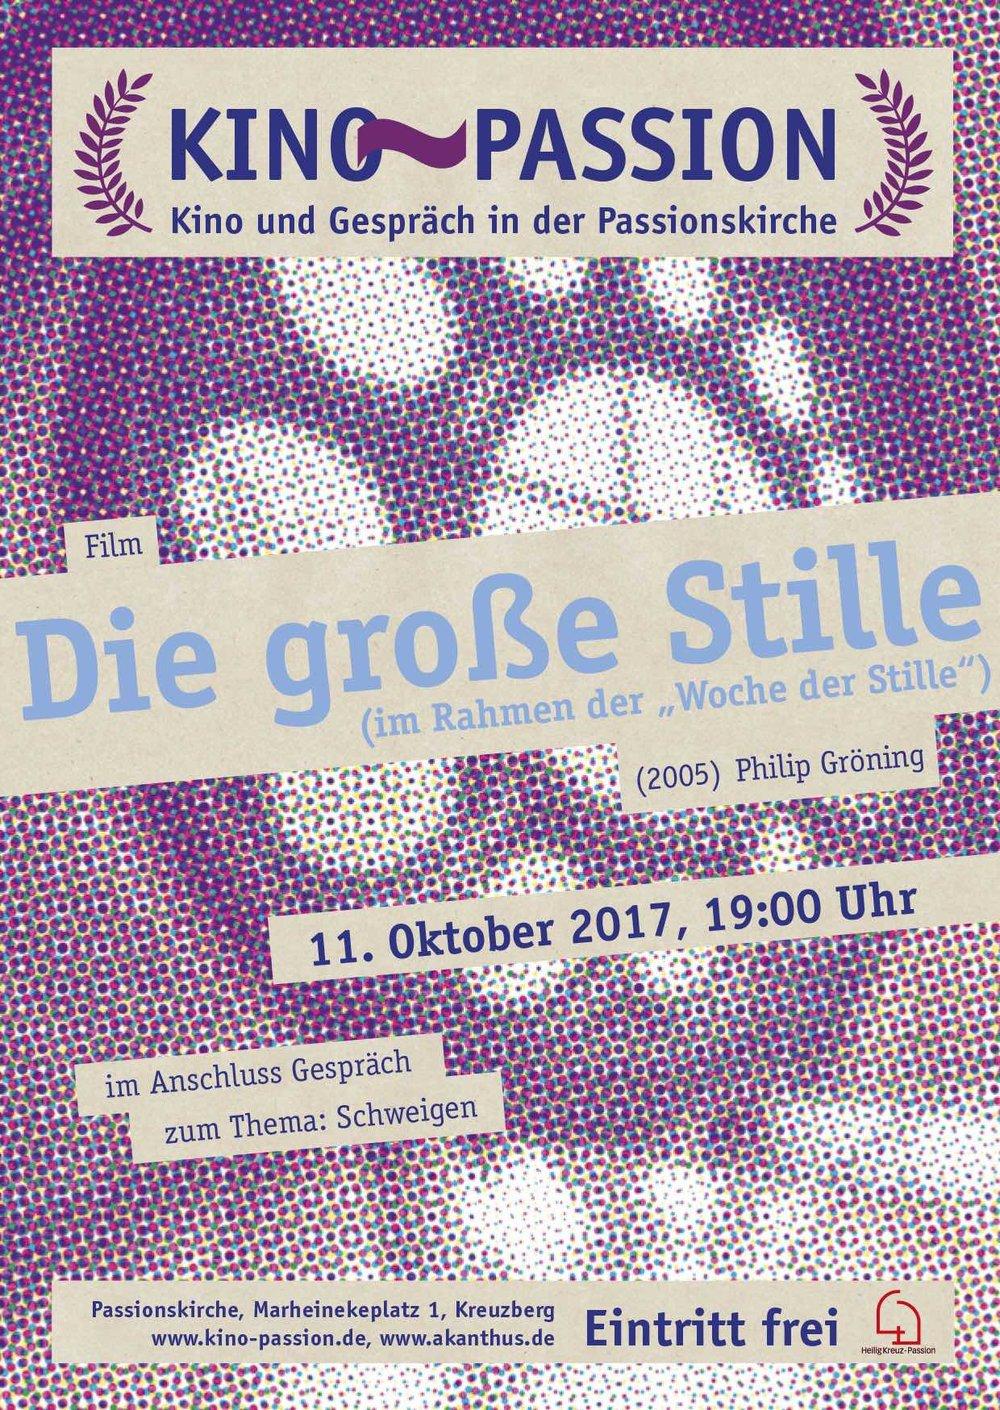 69_Kino_Passion_DieGroßeStille.jpg